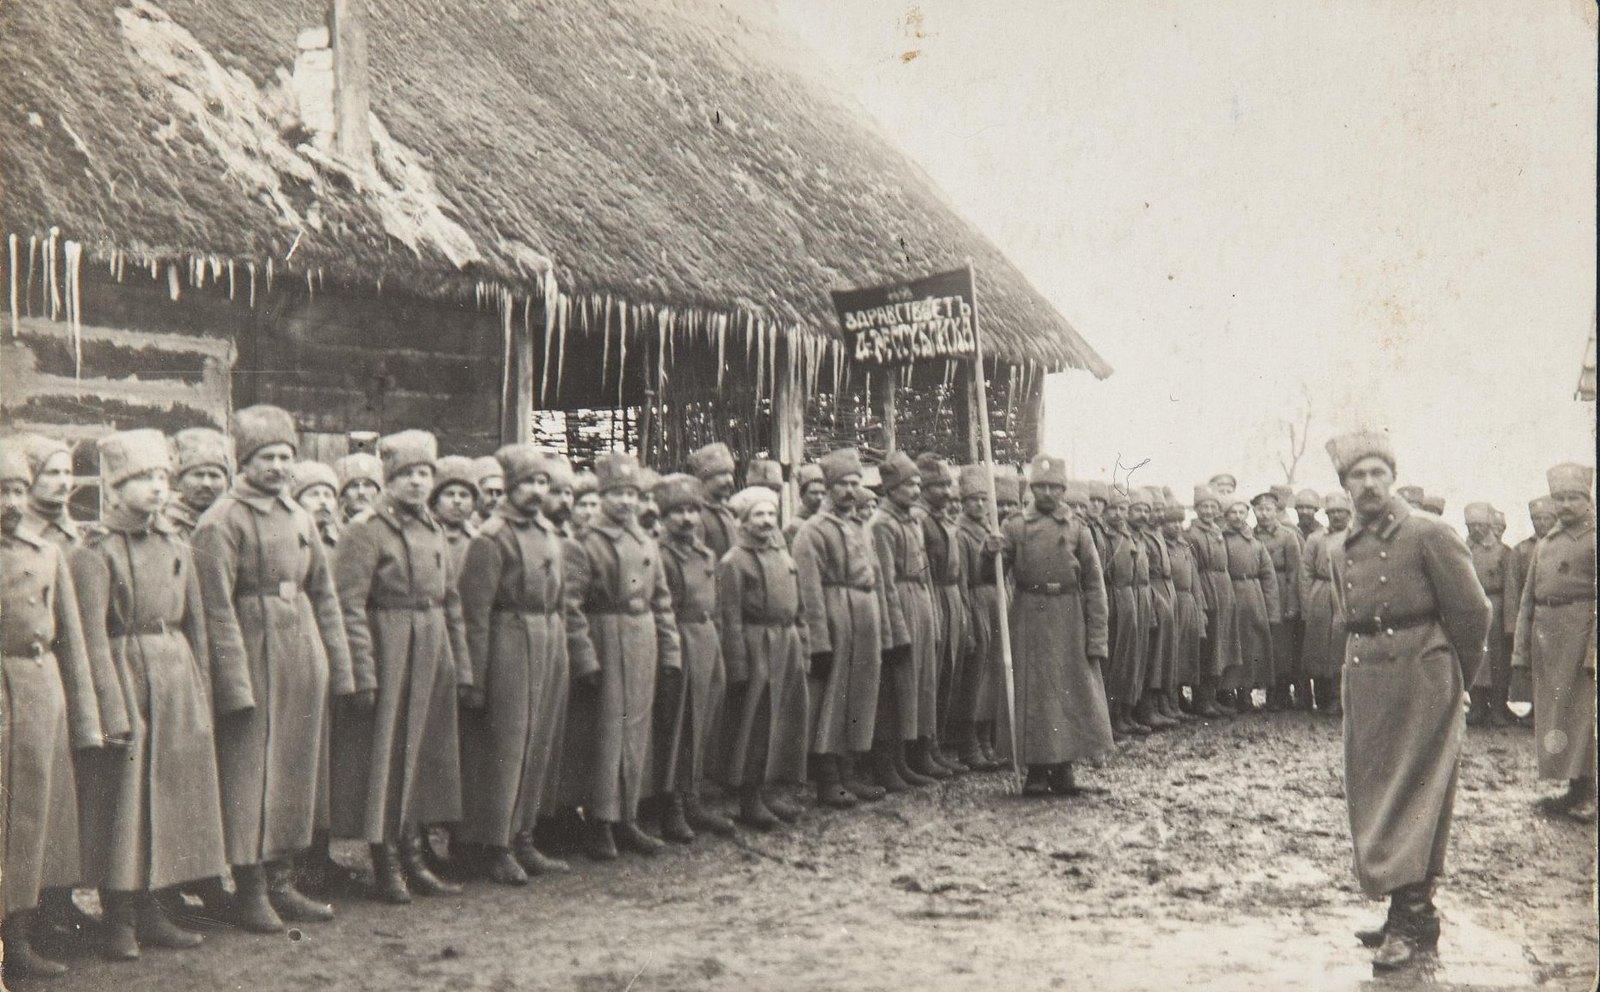 12 марта Присяга Временному правительству. Чины штаба 25-го армейского корпуса